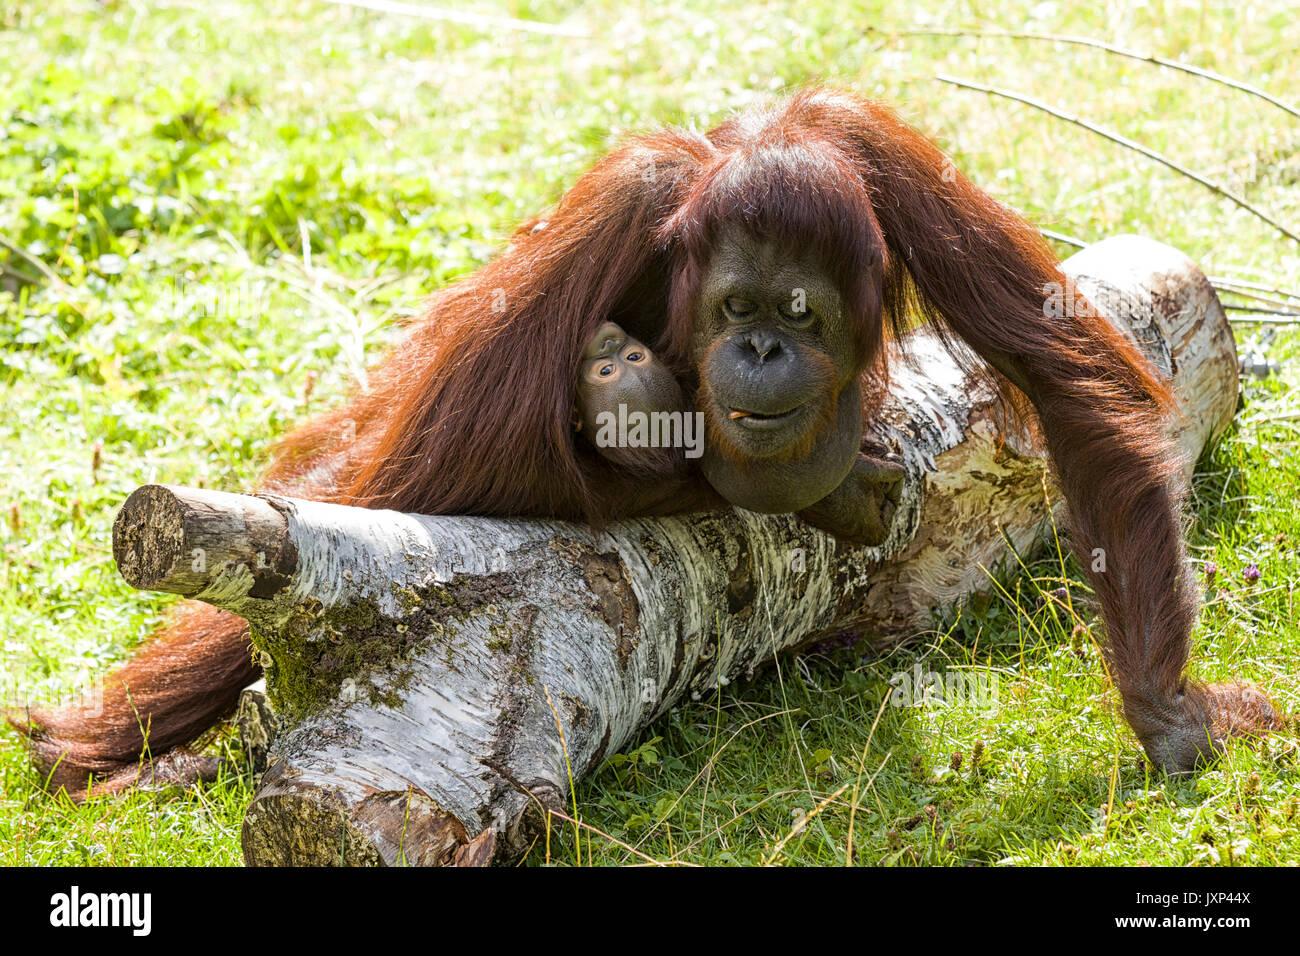 Les orang-outan (Pongo pygmaeus) avec infant baby modèle libération: N° des biens: Non. Banque D'Images